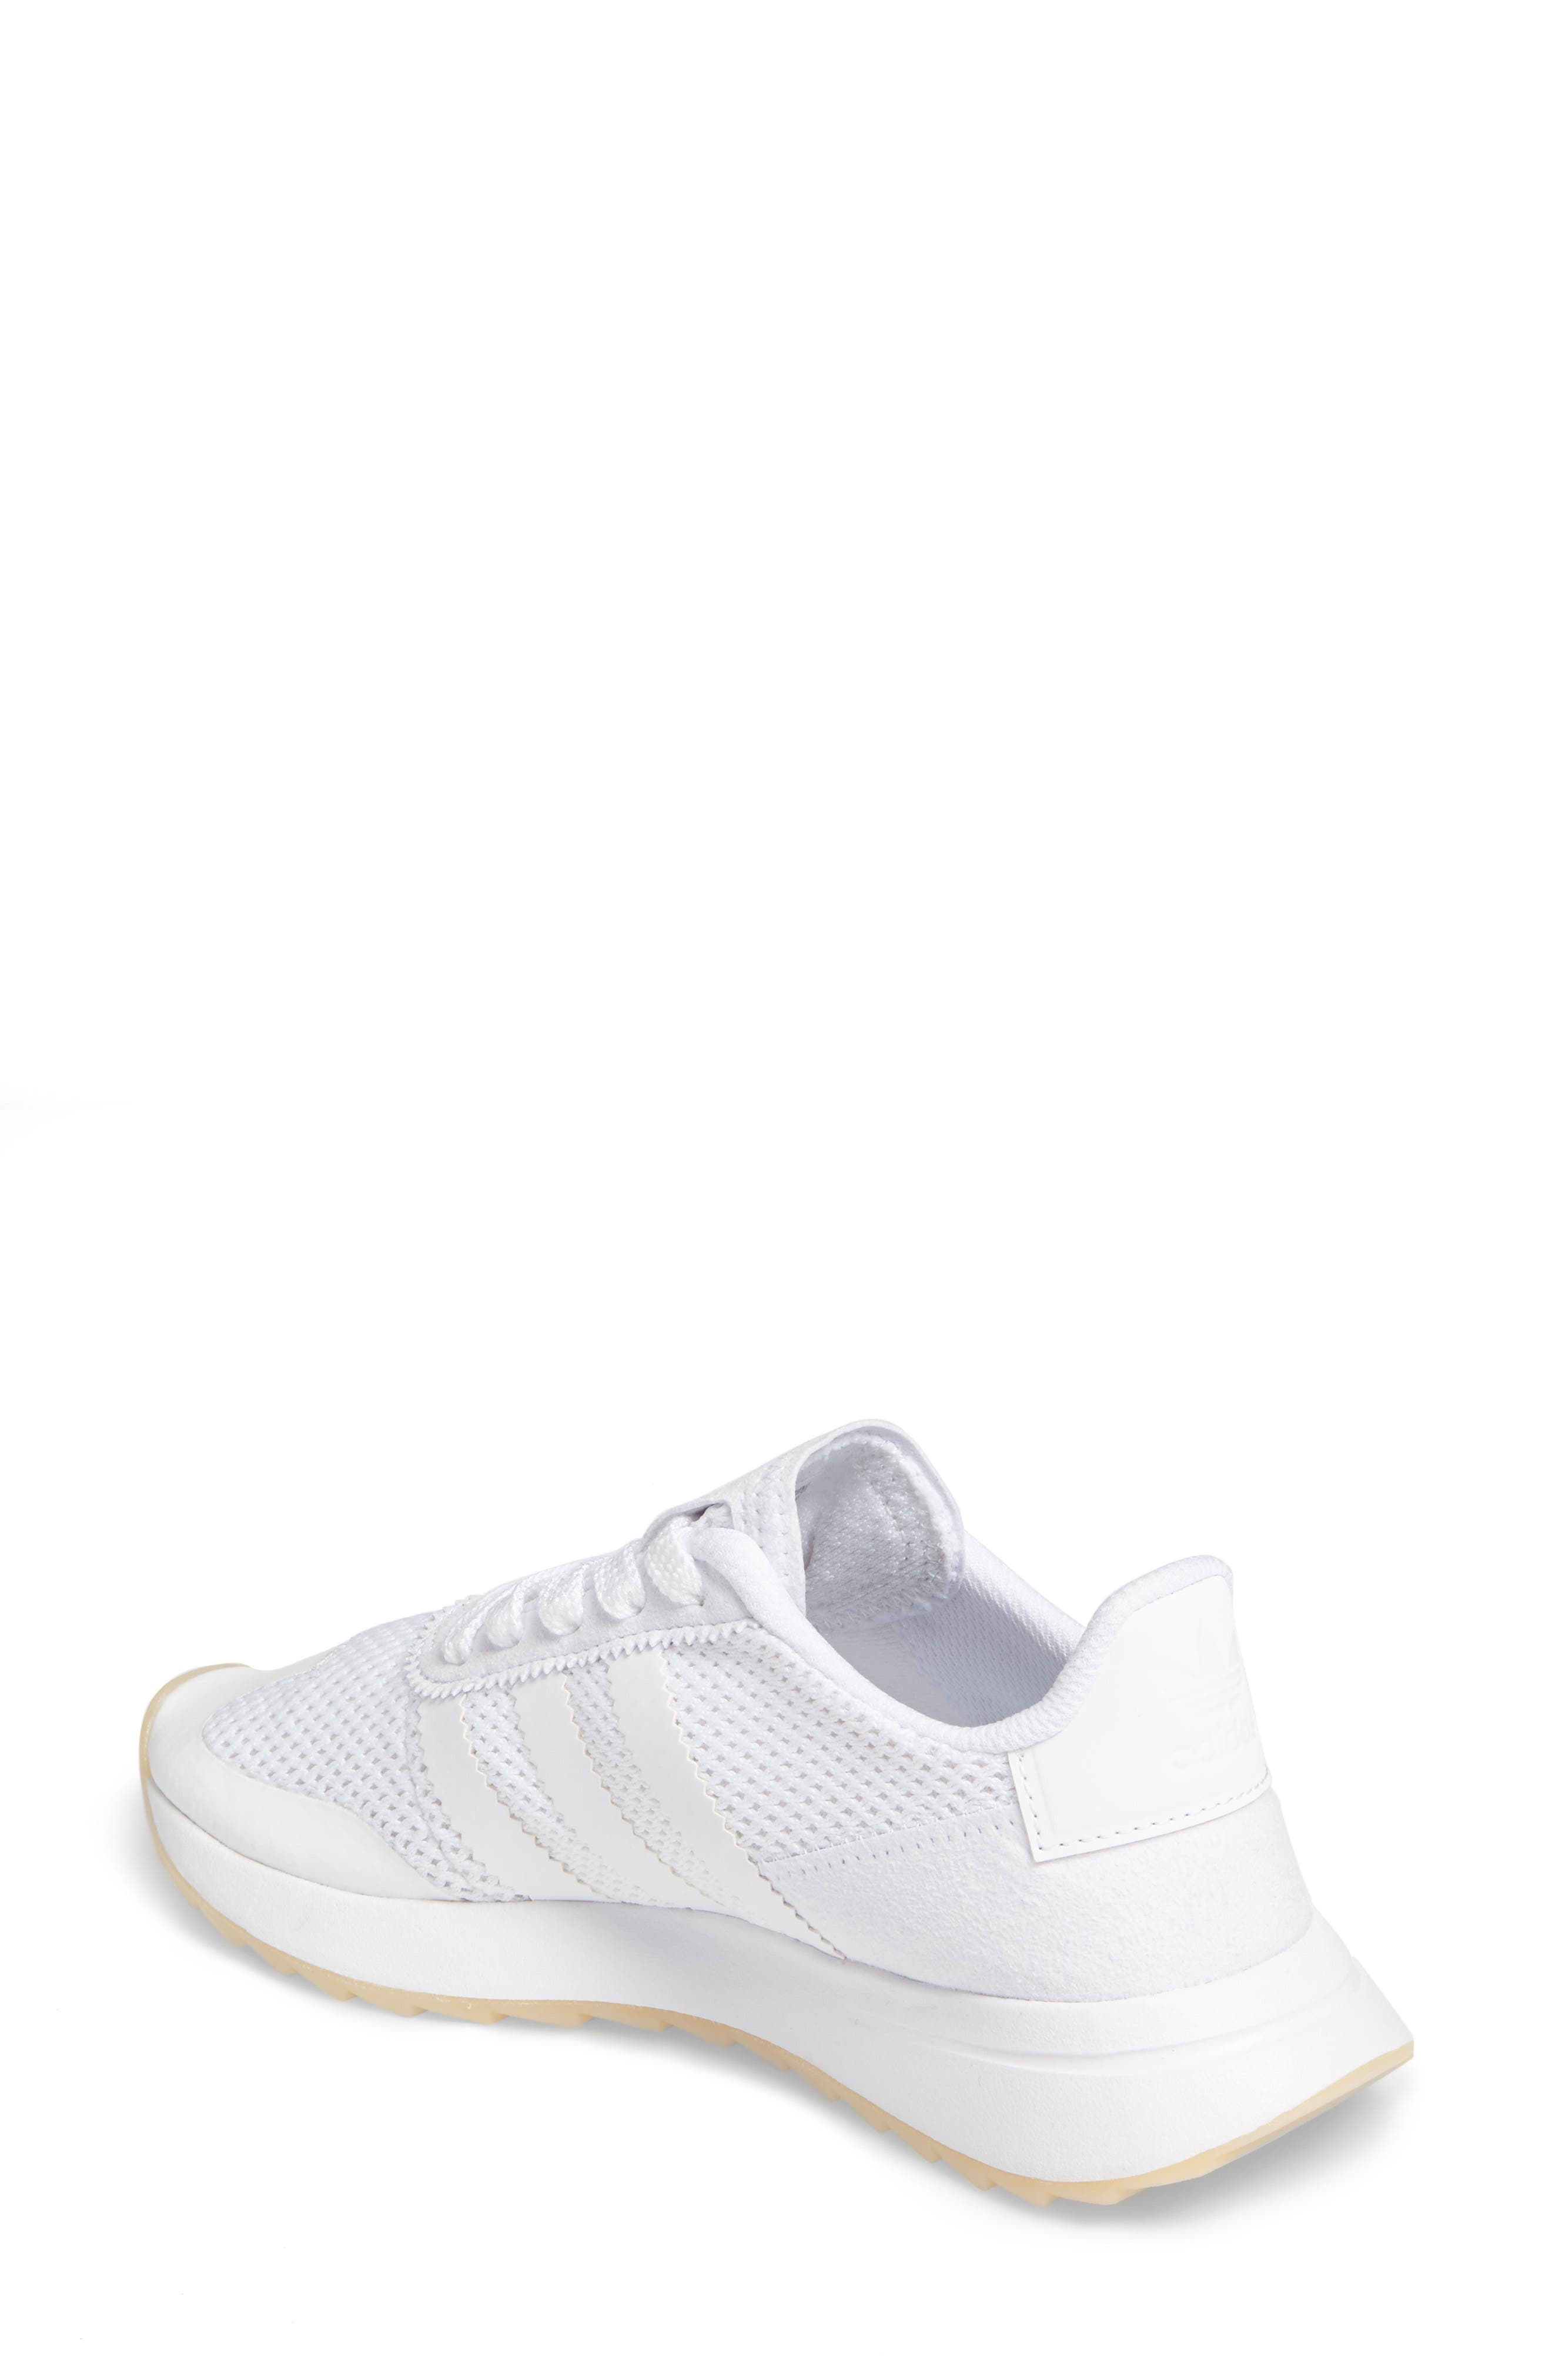 Flashback Sneaker,                             Alternate thumbnail 6, color,